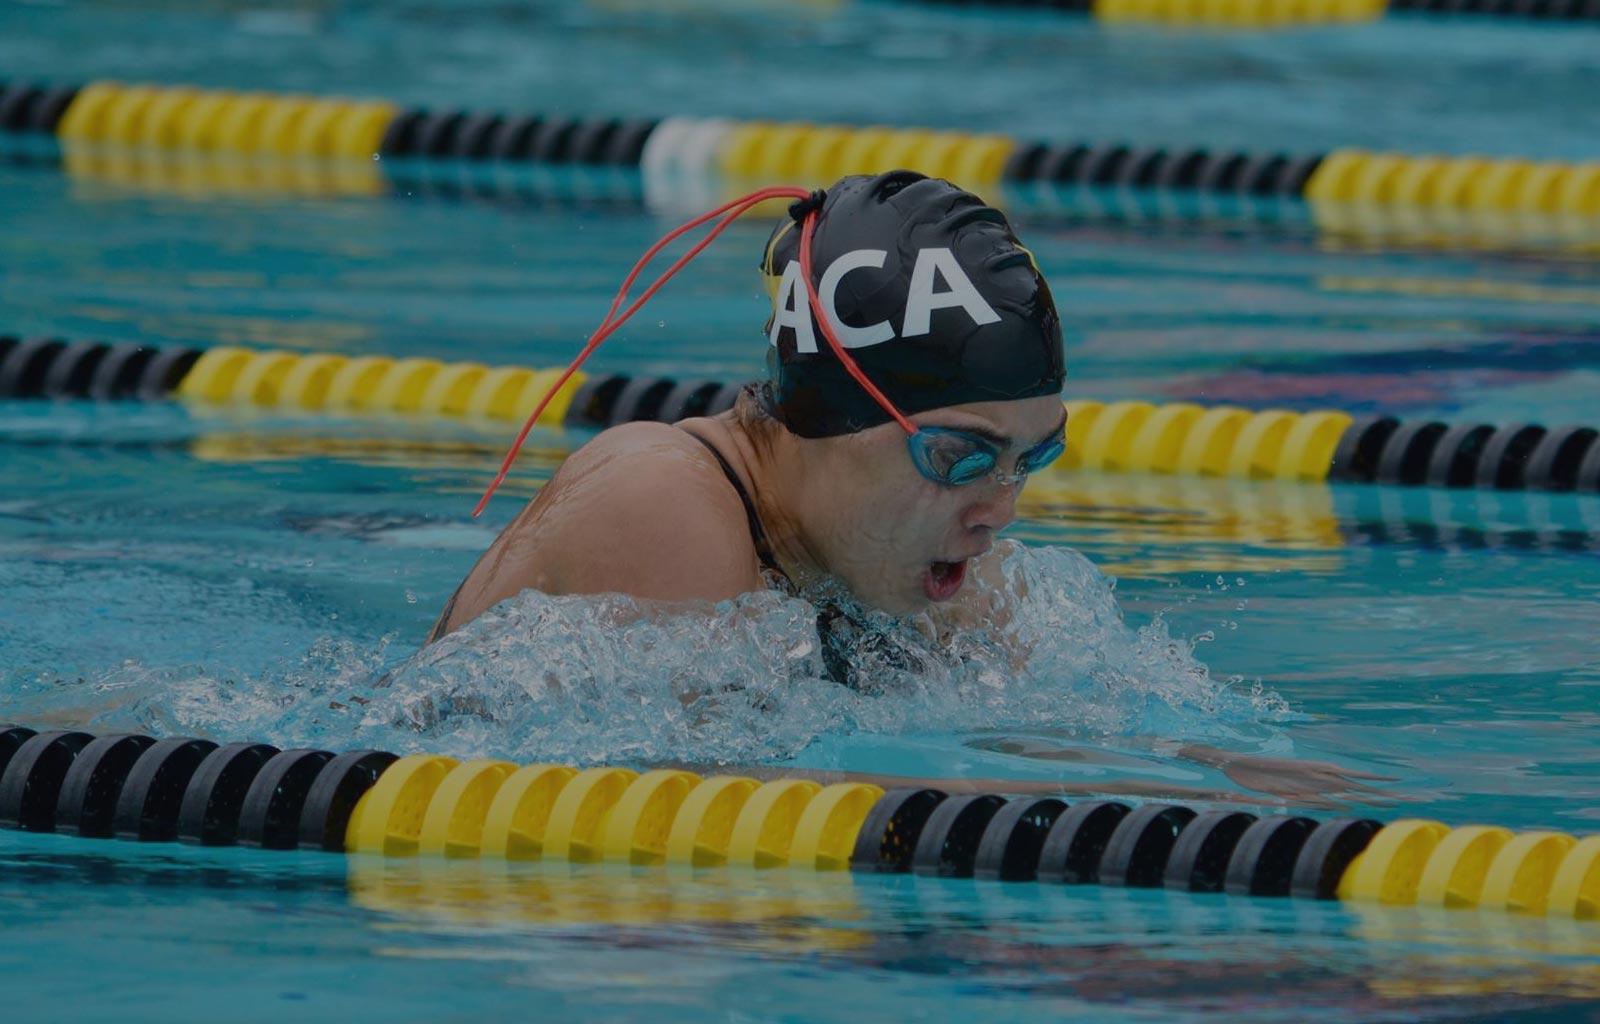 Swimmer in lap lane